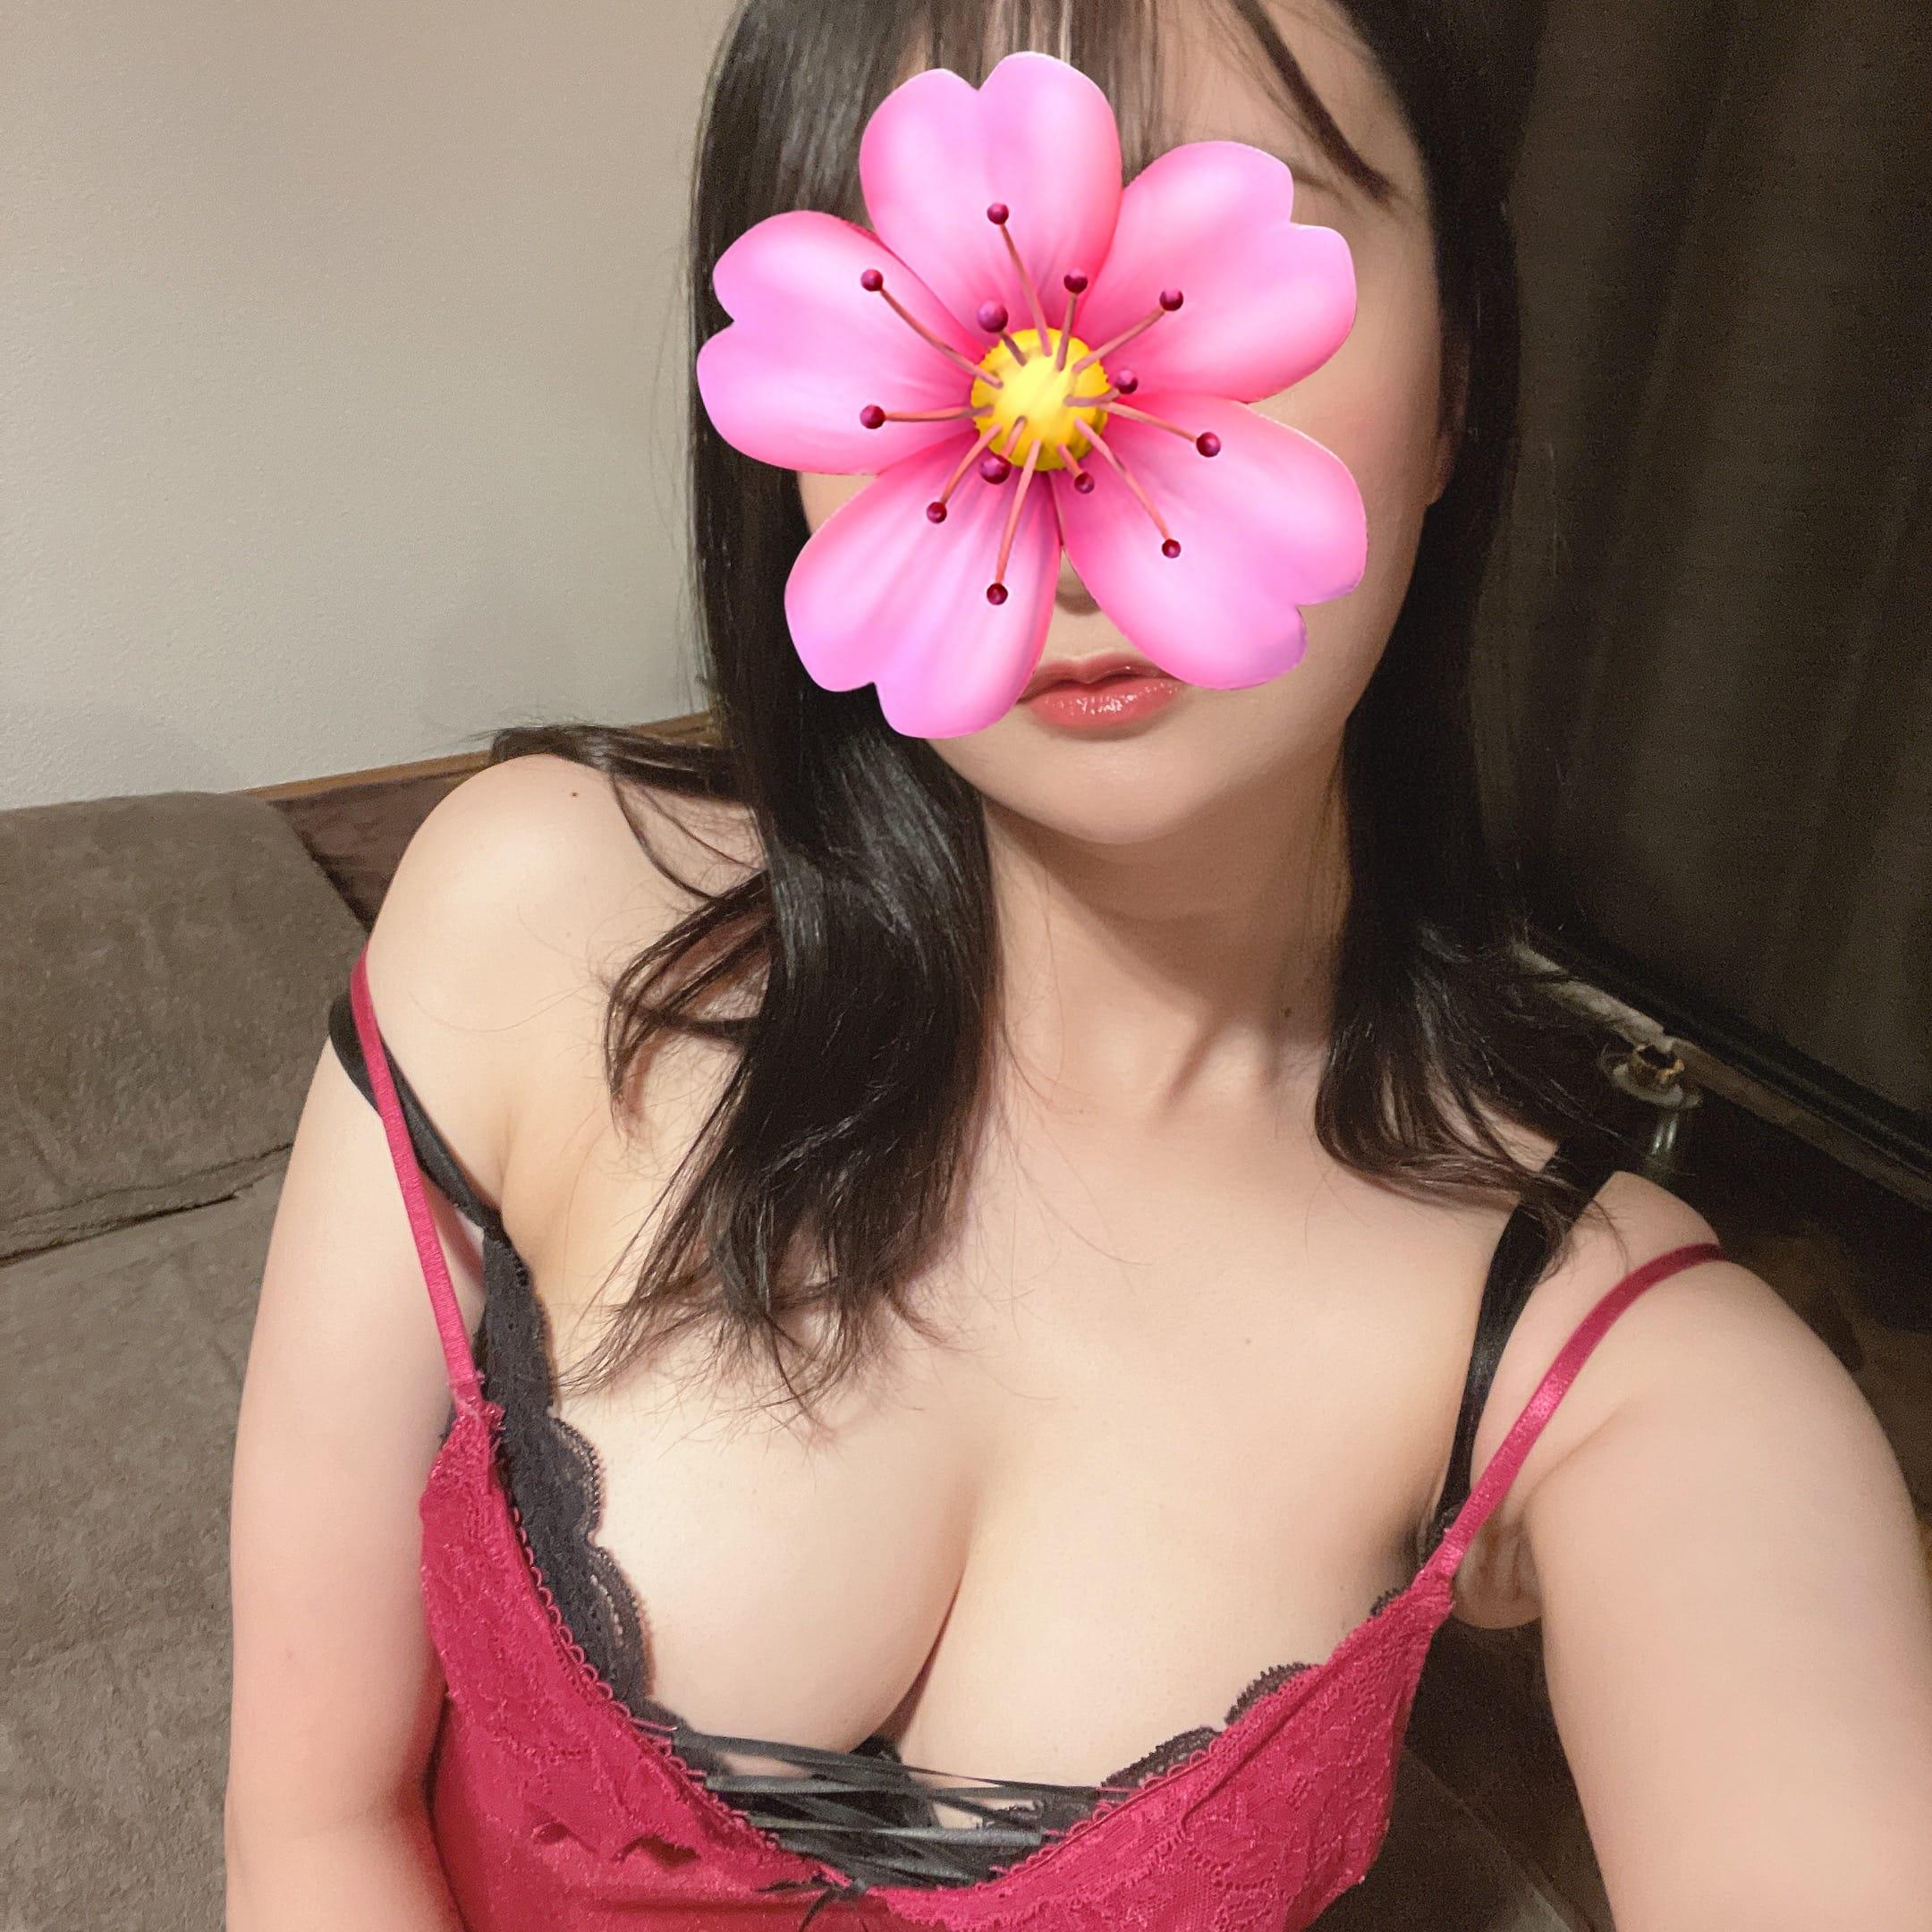 「出勤しました♪」10/15(金) 21:00   まなみの写メ日記